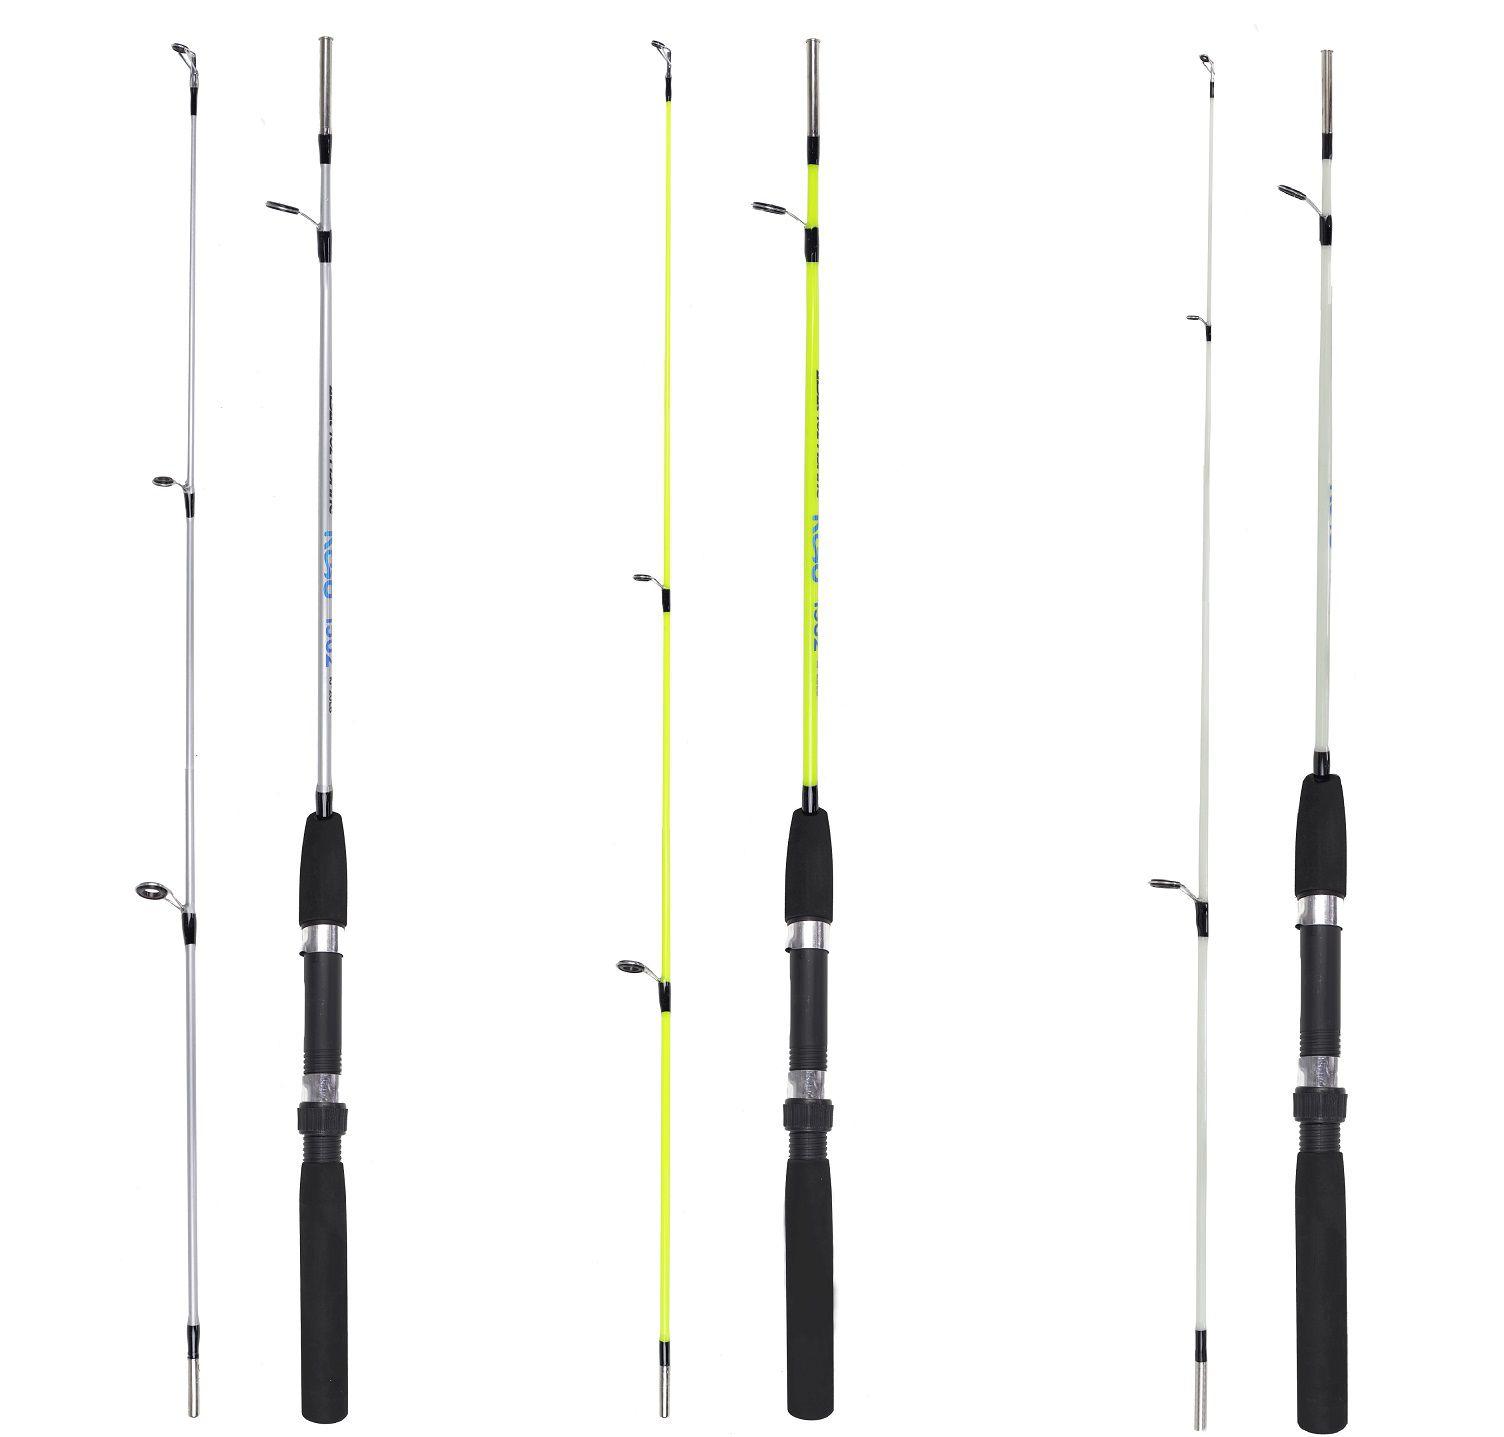 Kit De Pesca Completo 1 Vara 1 Molinete C/ Caixa de Pesca e Acessórios (Ref. 05)  - Life Pesca - Sua loja de Pesca, Camping e Lazer